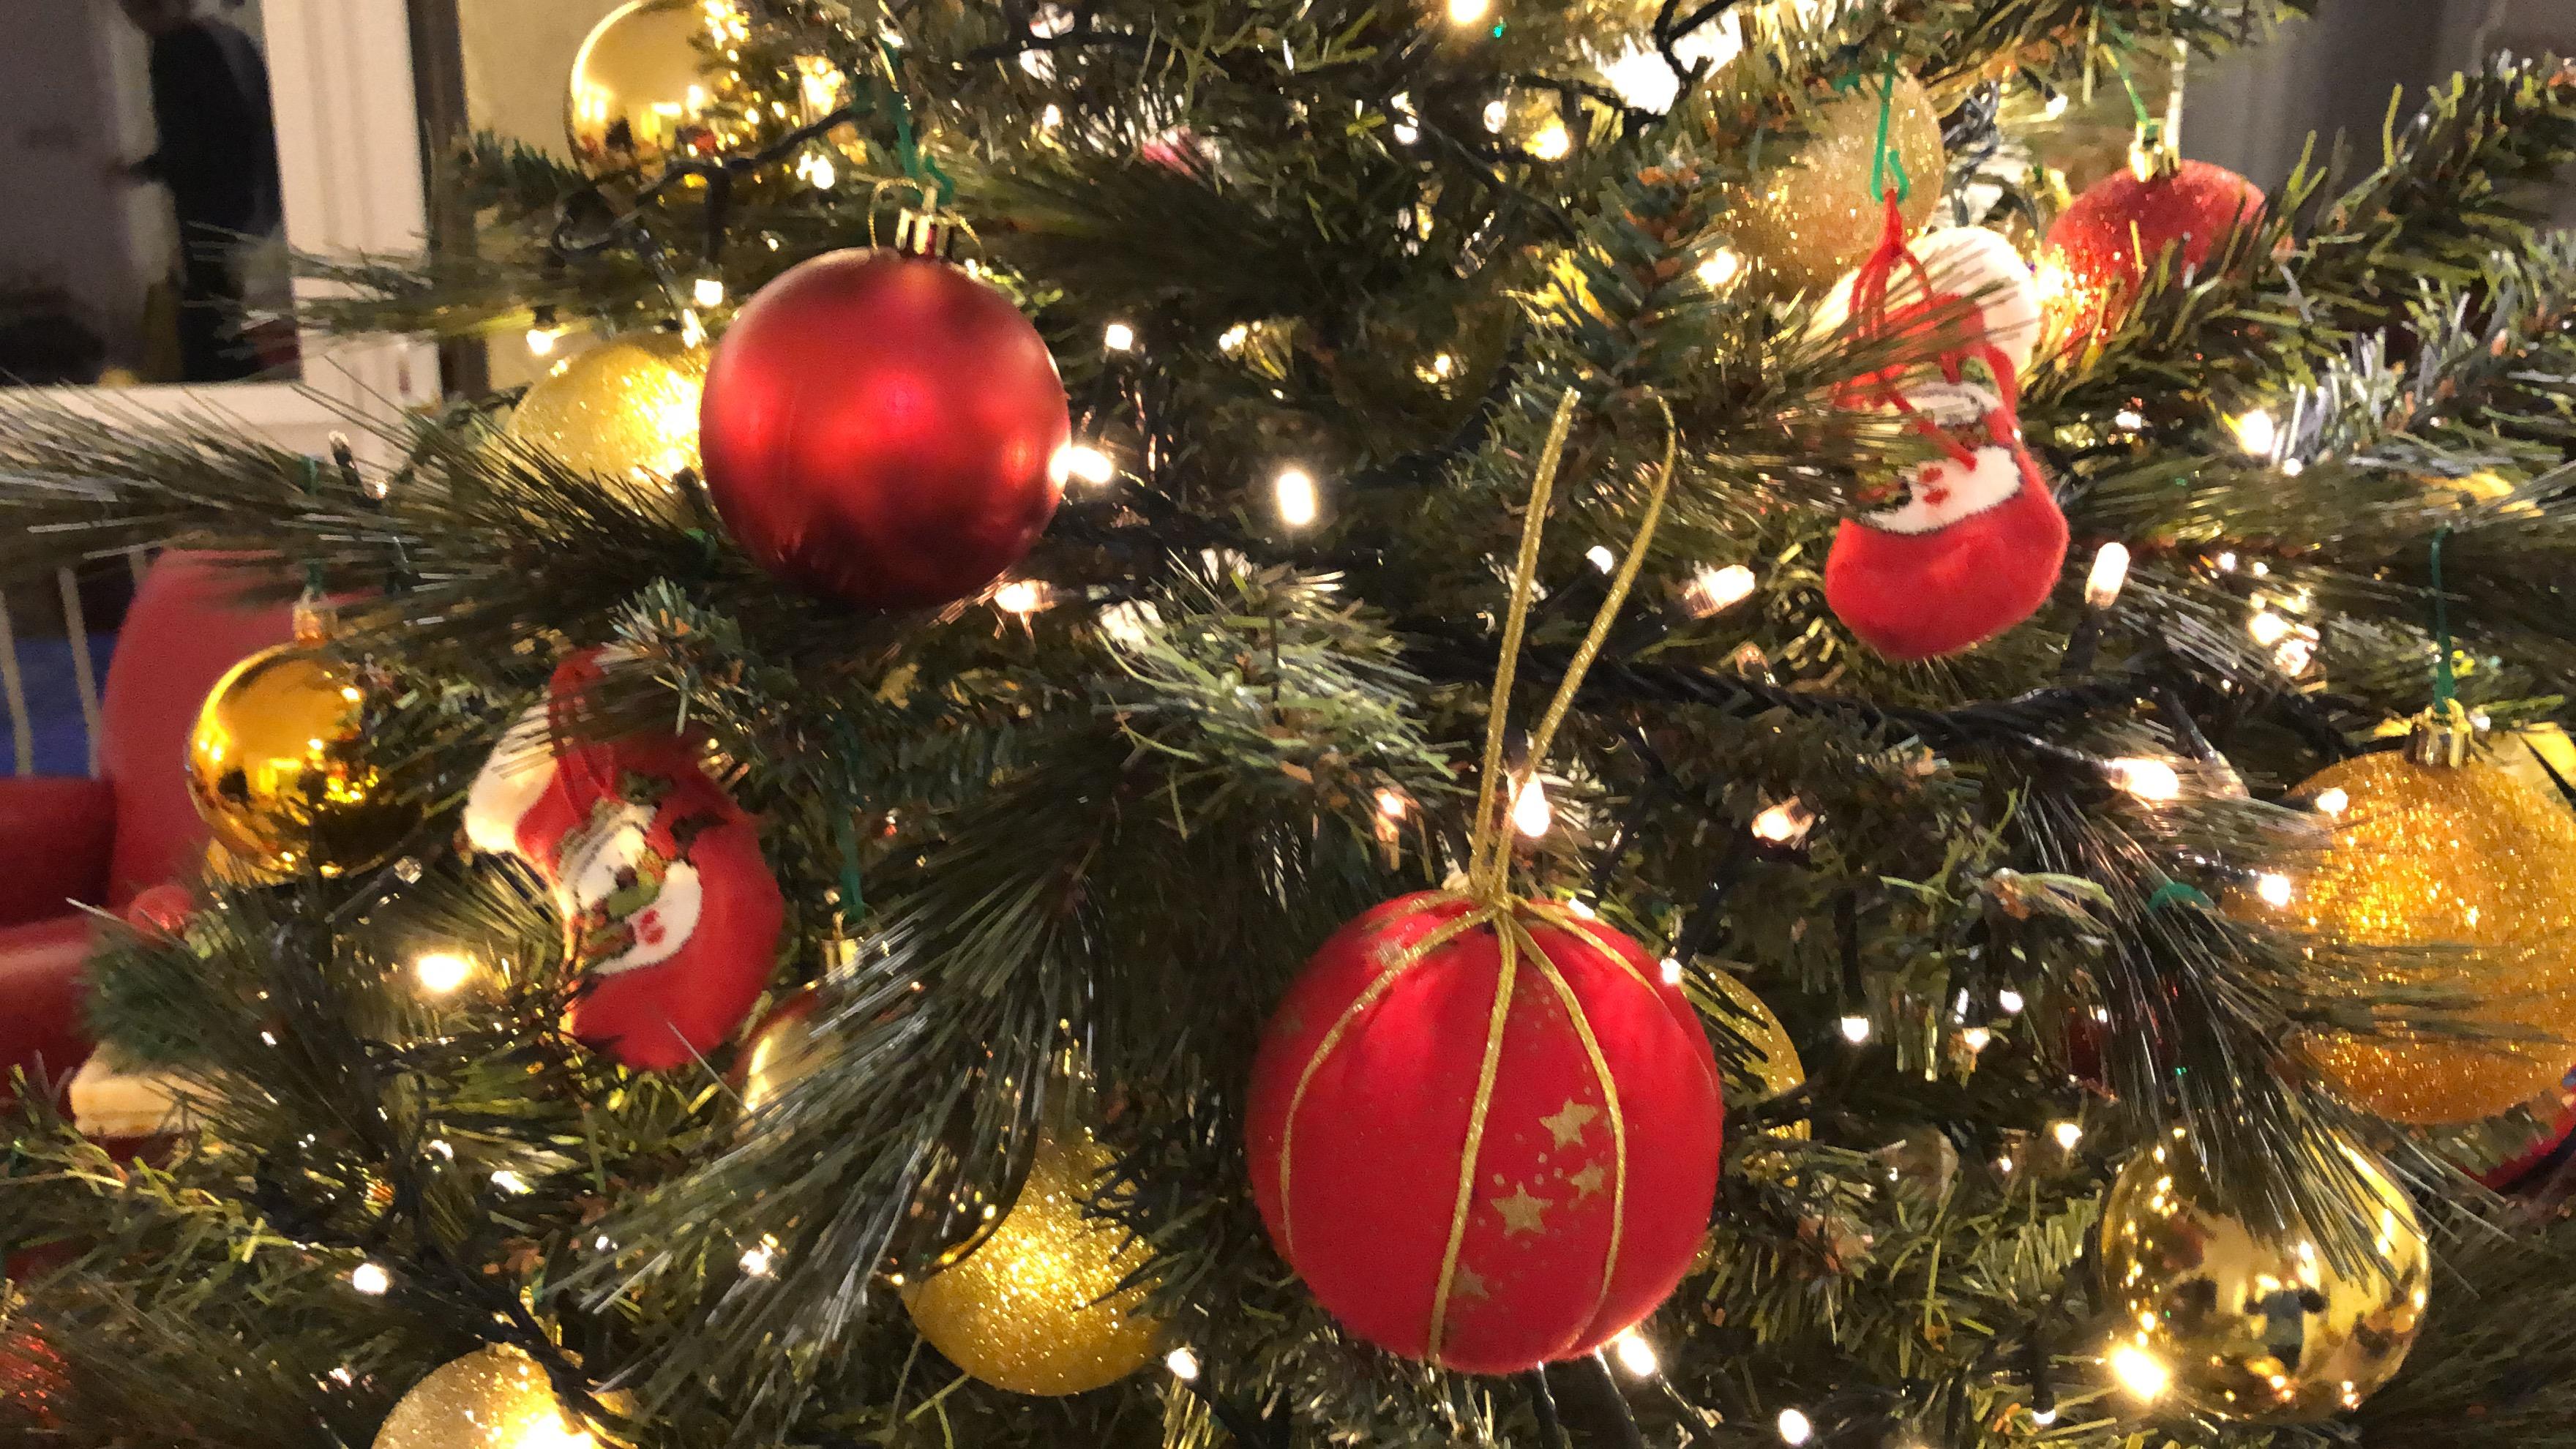 Auguri di Buon Natale da FabioOrecchini.it – Obiettivo Zero Emissioni